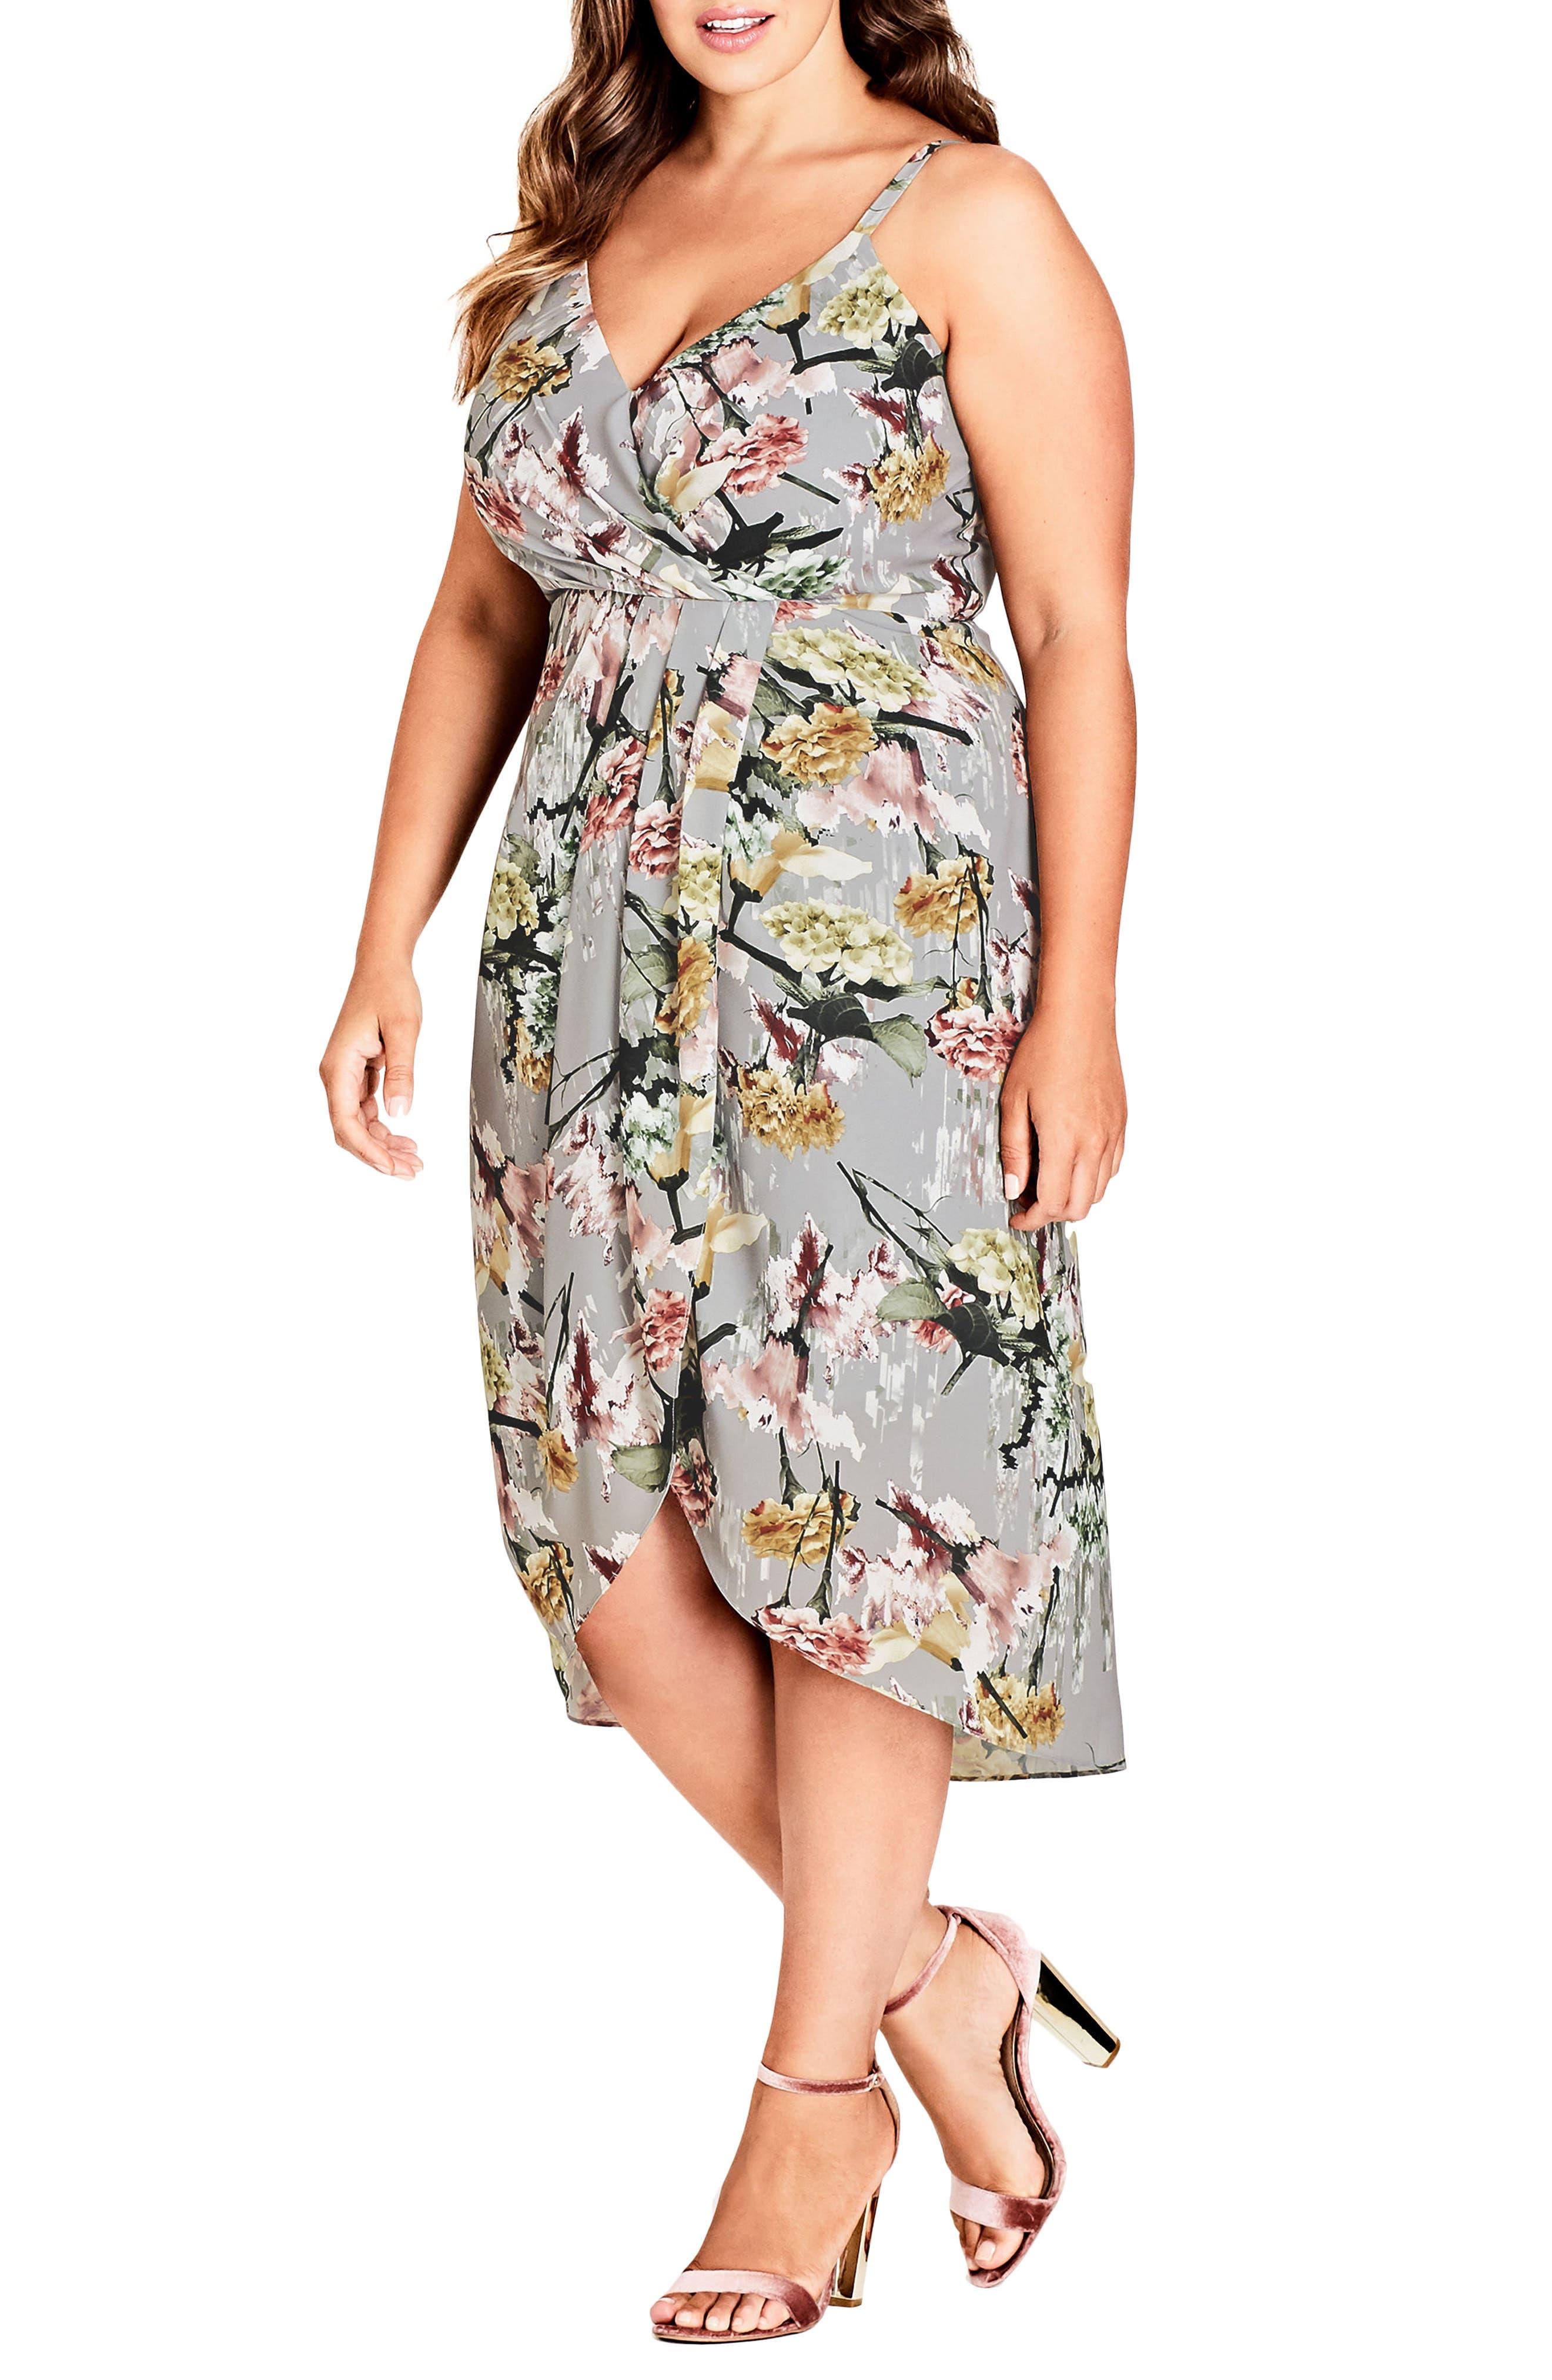 Alternate Image 1 Selected - City Chic Romantic Bouquet Faux Wrap Dress (Plus Size)